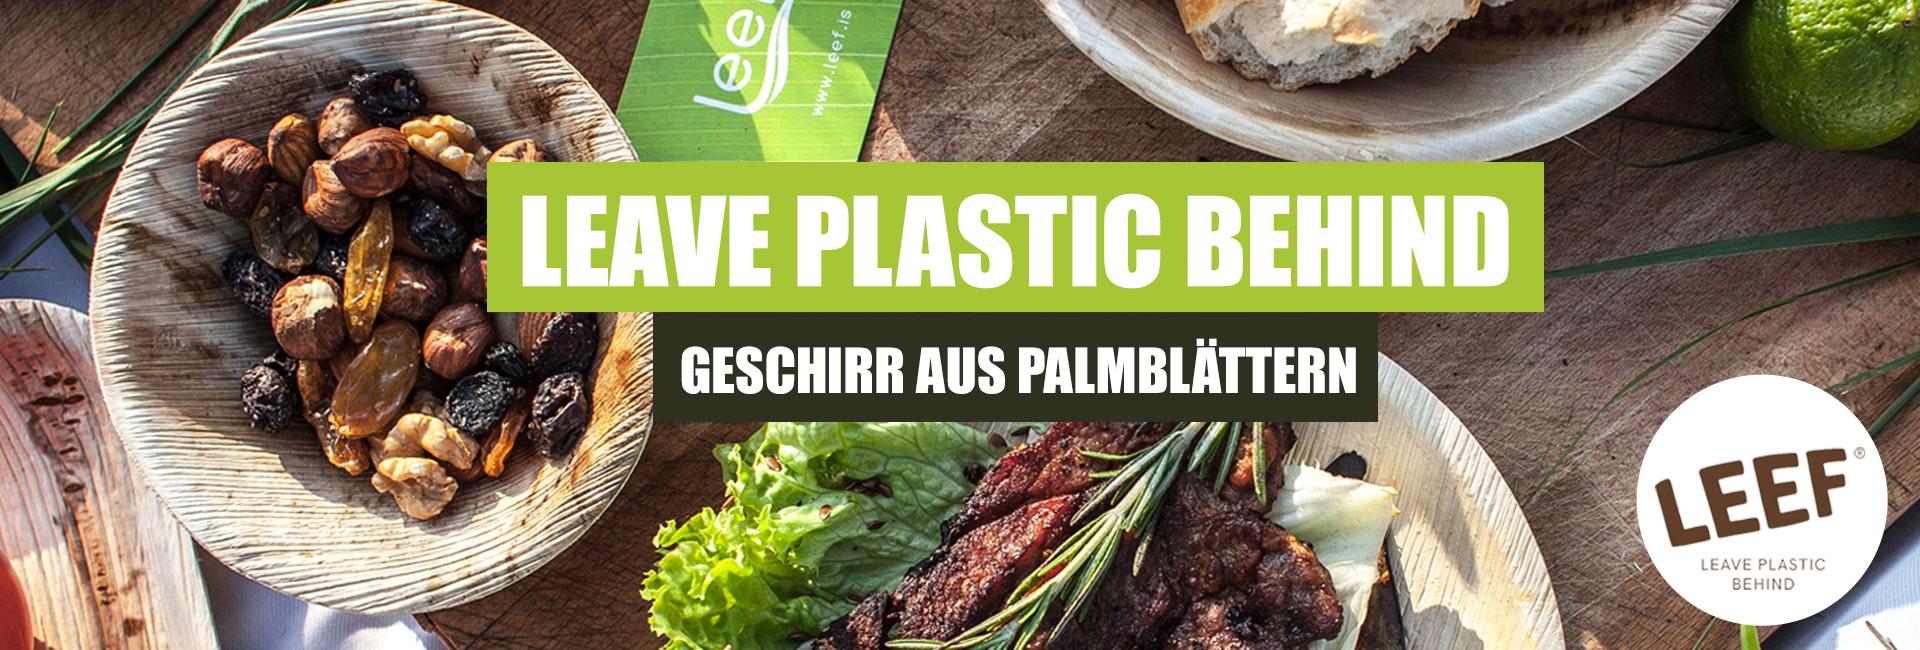 leave plastic behind